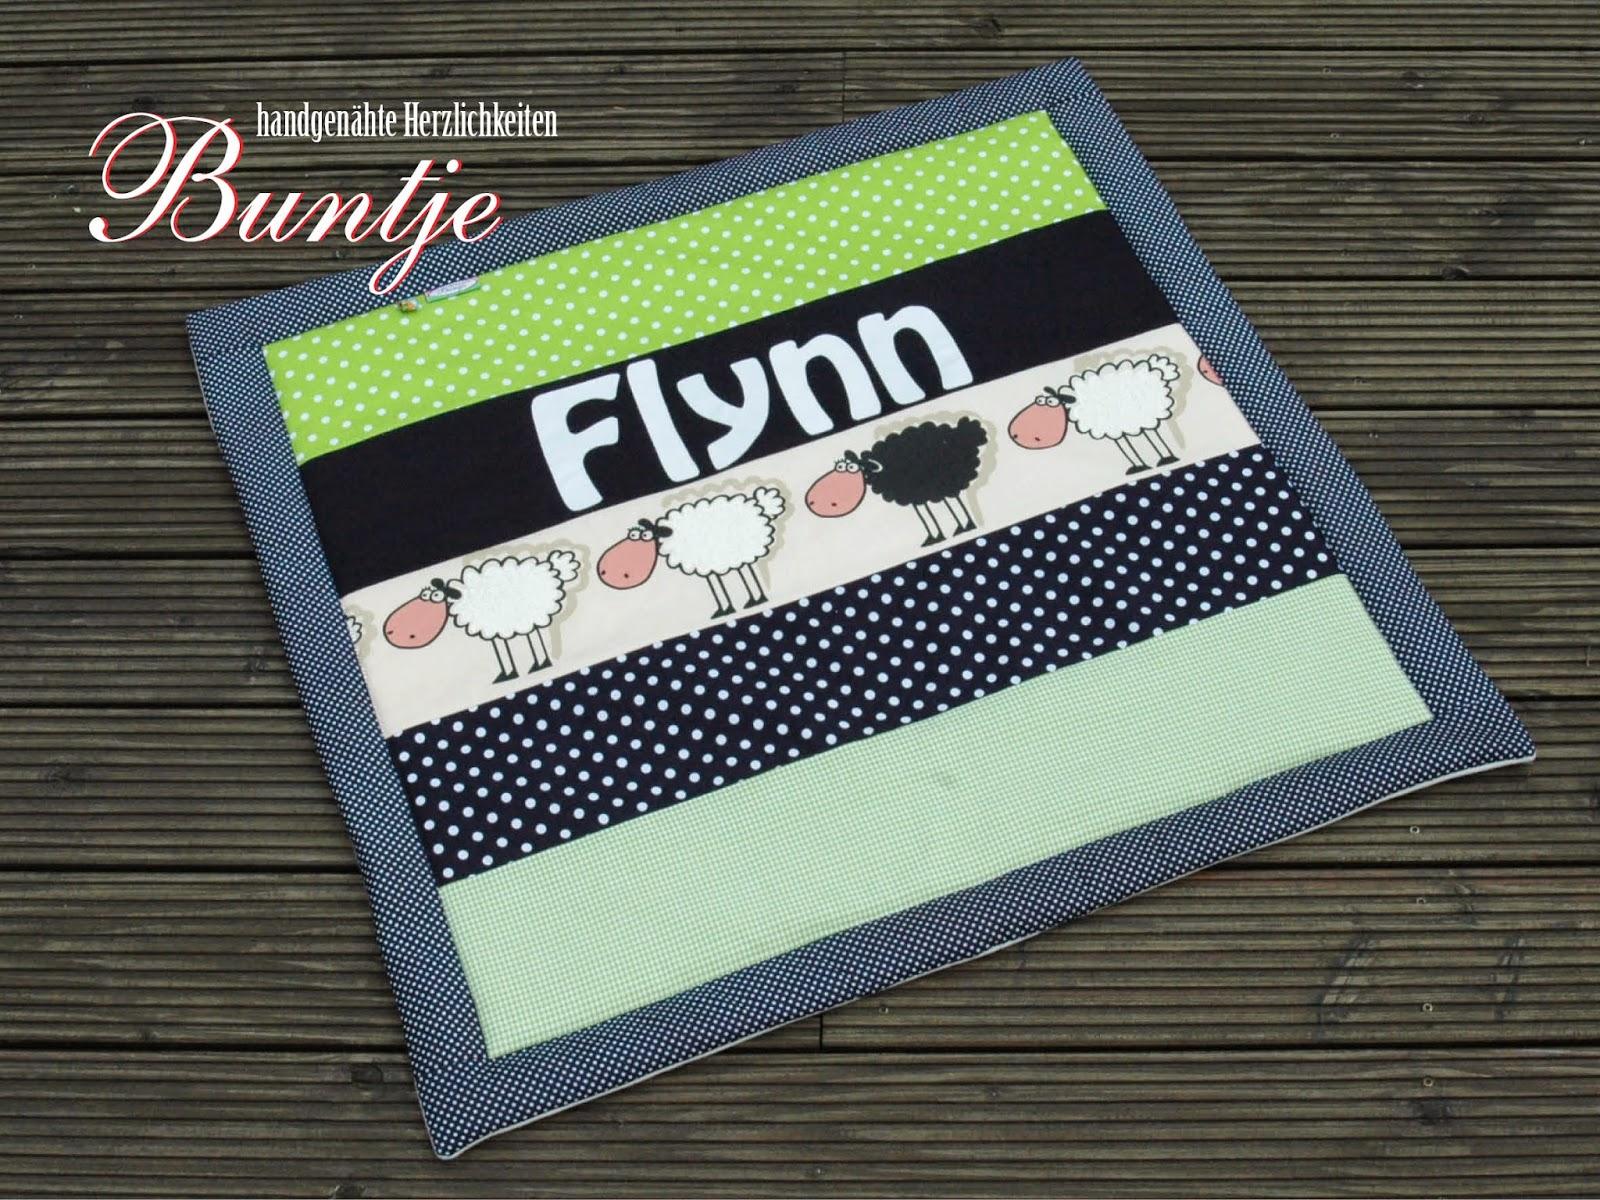 Krabbeldecke Kuscheldecke Decke Baby Name Junge Flynn Geschenk Geburt Taufe grün blau Schafe Baumwolle Fleece Buntje nähen